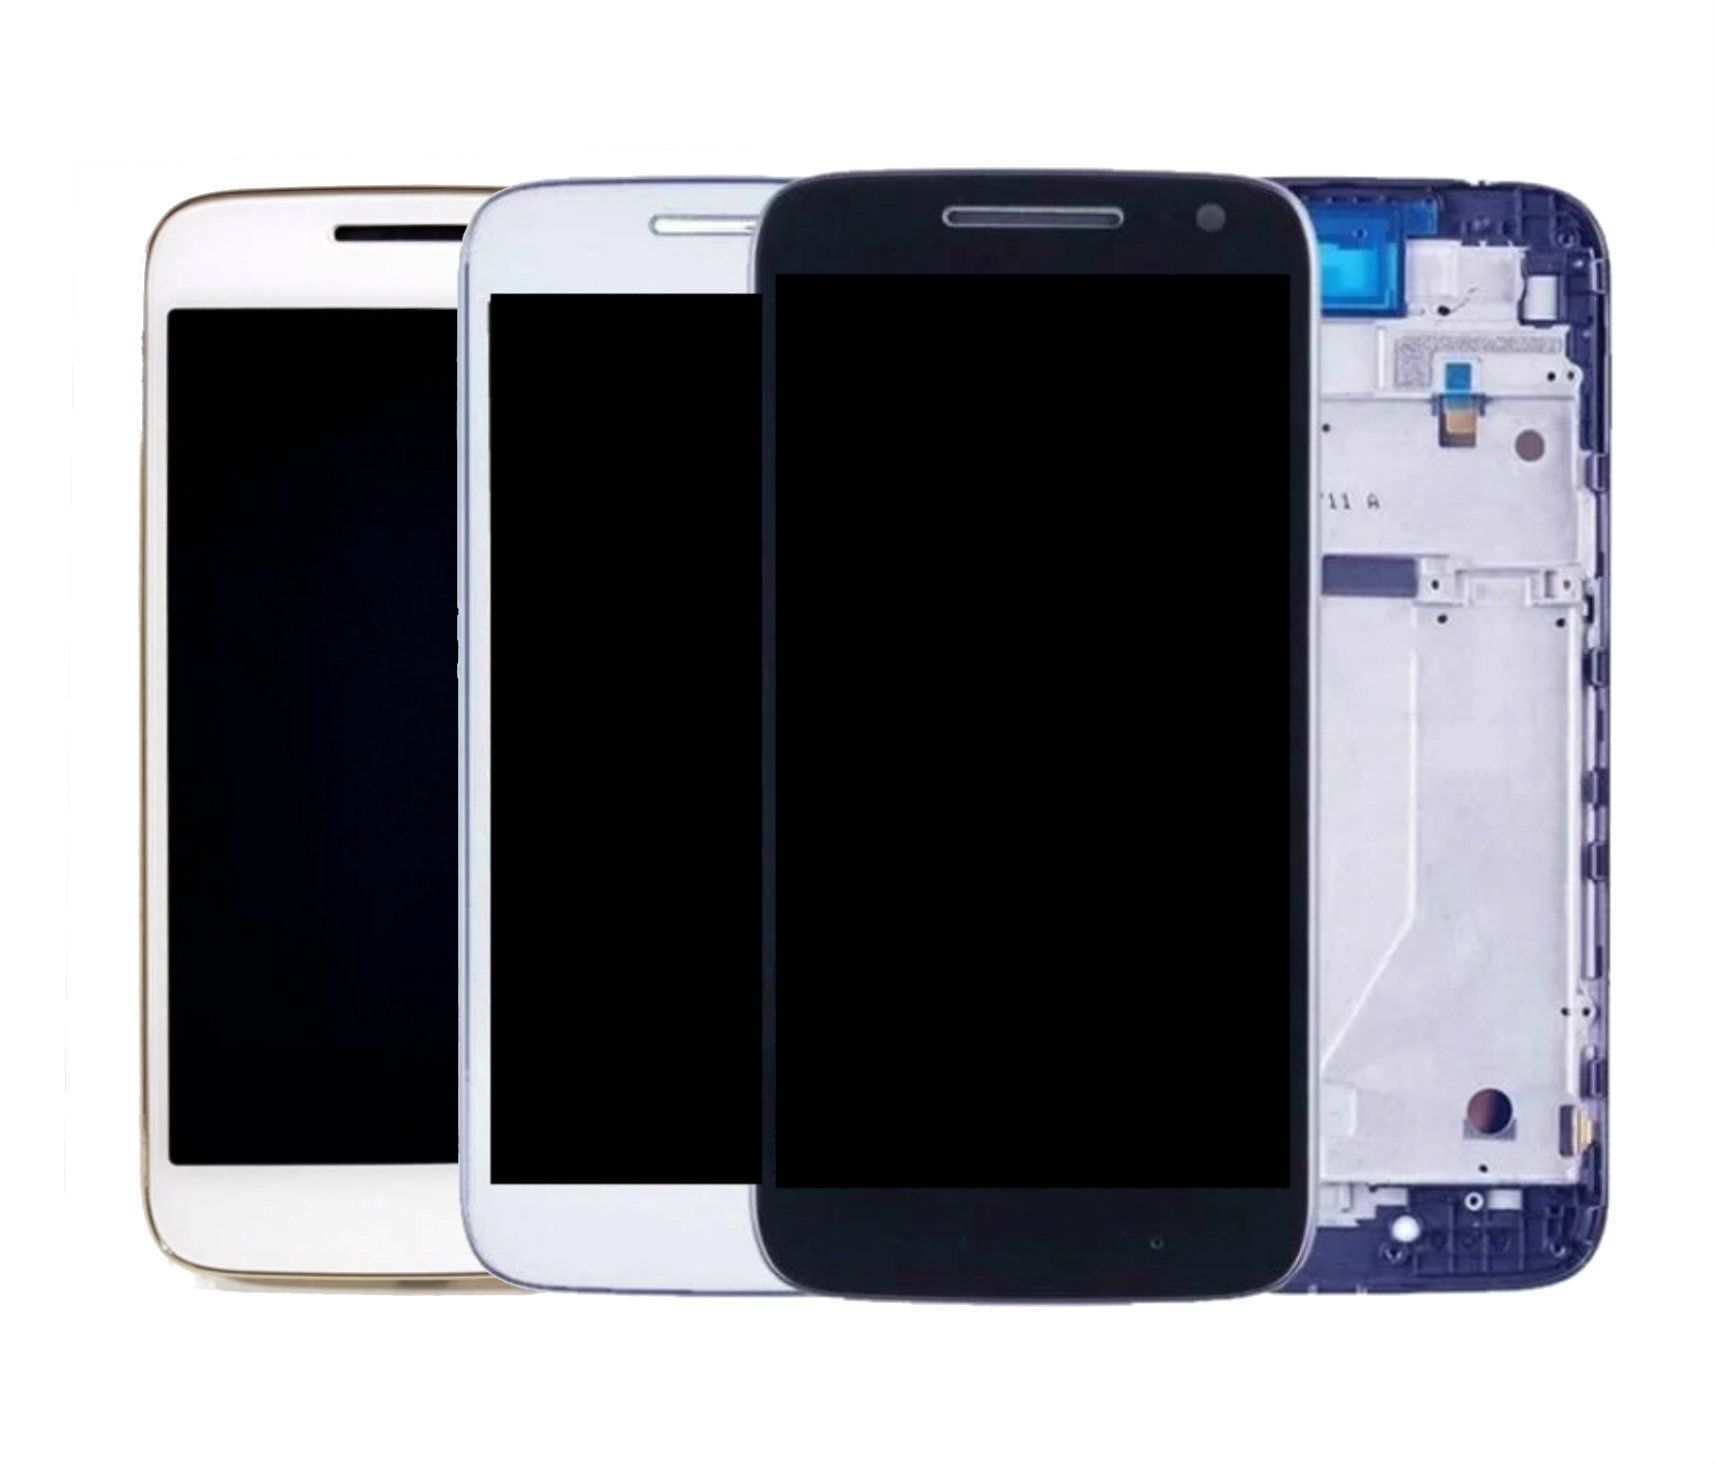 Display Frontal Moto G4 Play XT1600 XT1603 Com Aro 1 Linha Max - Escolha Cor